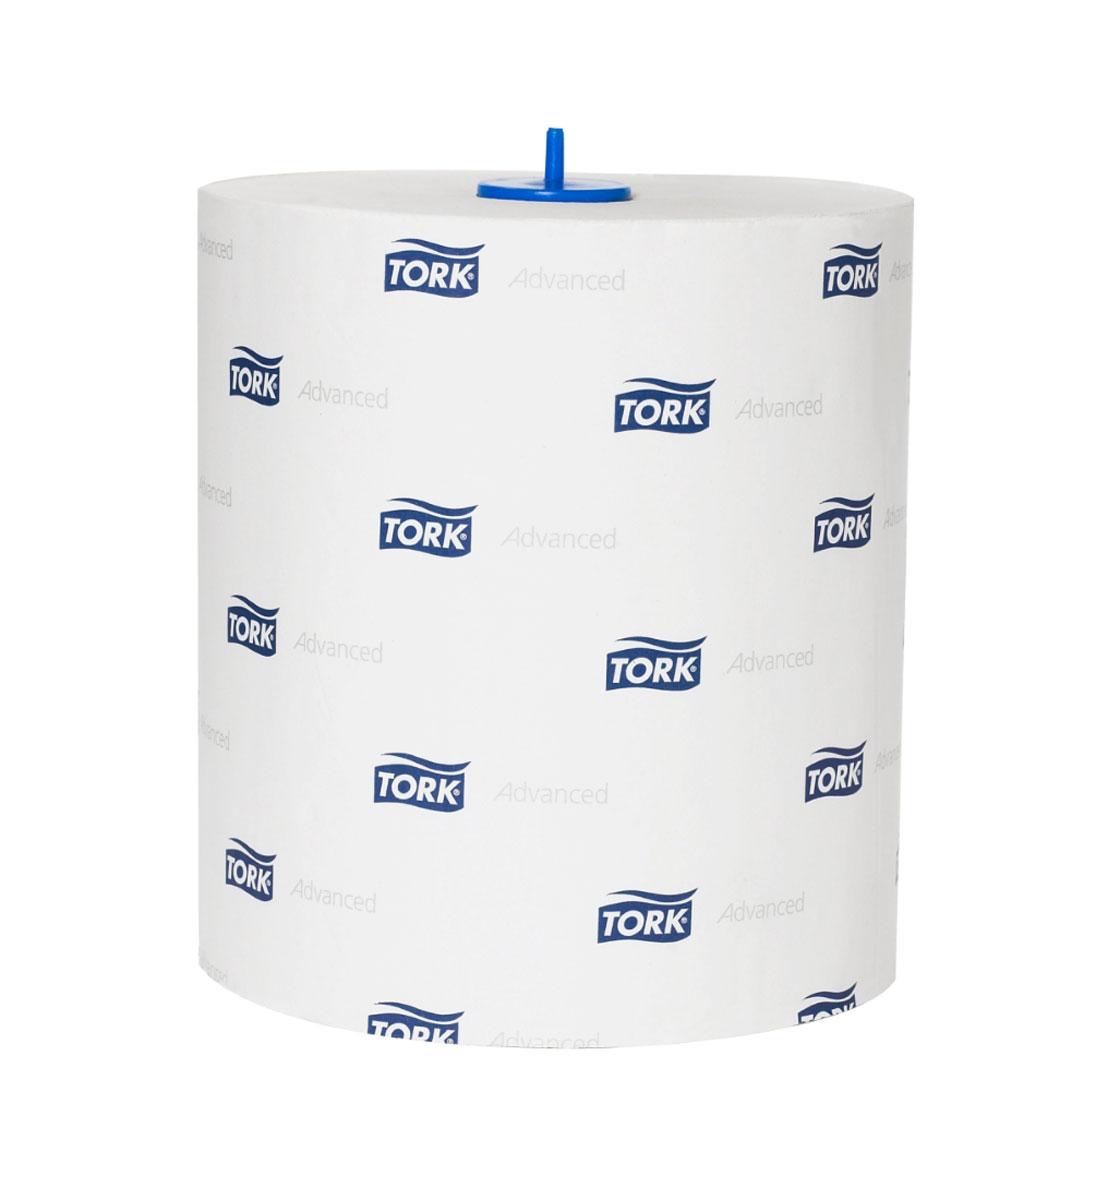 Tork Matic полотенца в рулонах 2-сл 150м, коробка 6 шт391602Целлюлоза